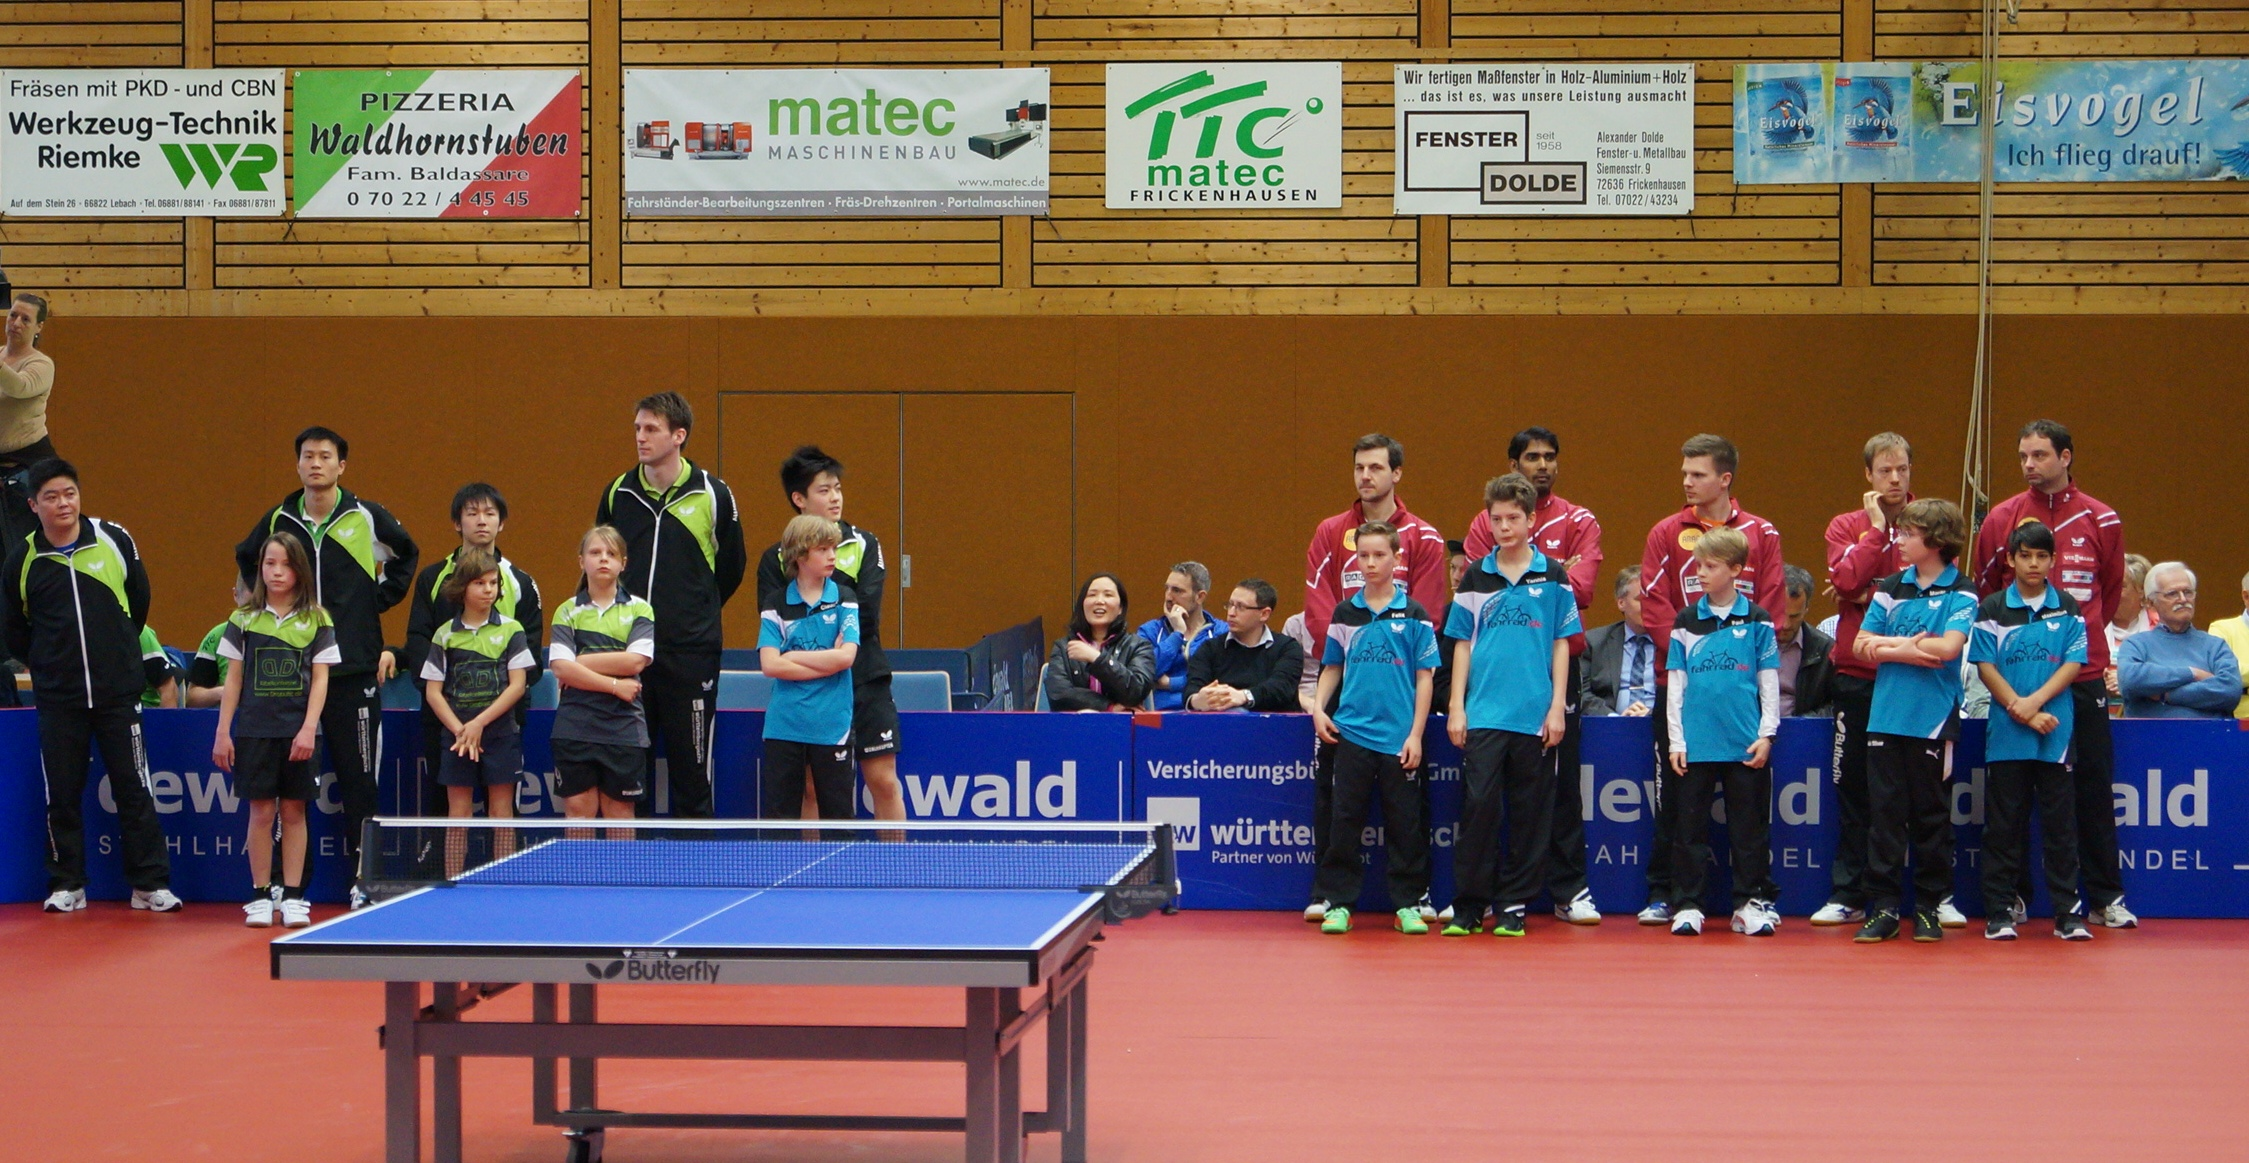 Besuch beim Buli-Spiel Frickenhausen-Düsseldorf